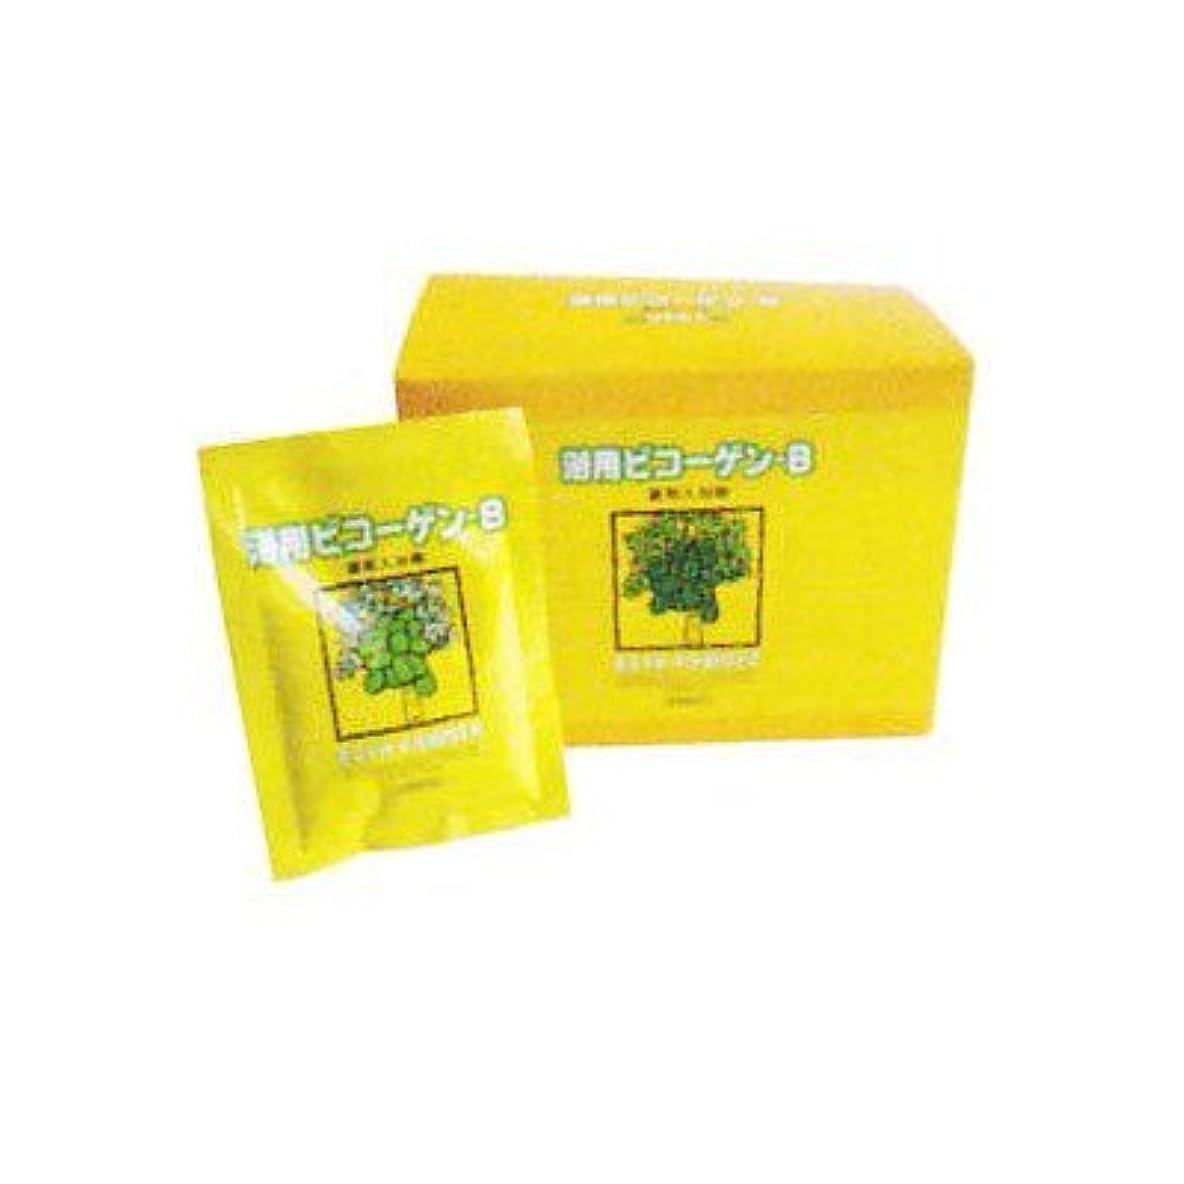 荒れ地バレルネイティブ酸素入浴剤 リアル 浴用 ビコーゲン B 分包タイプ a221074